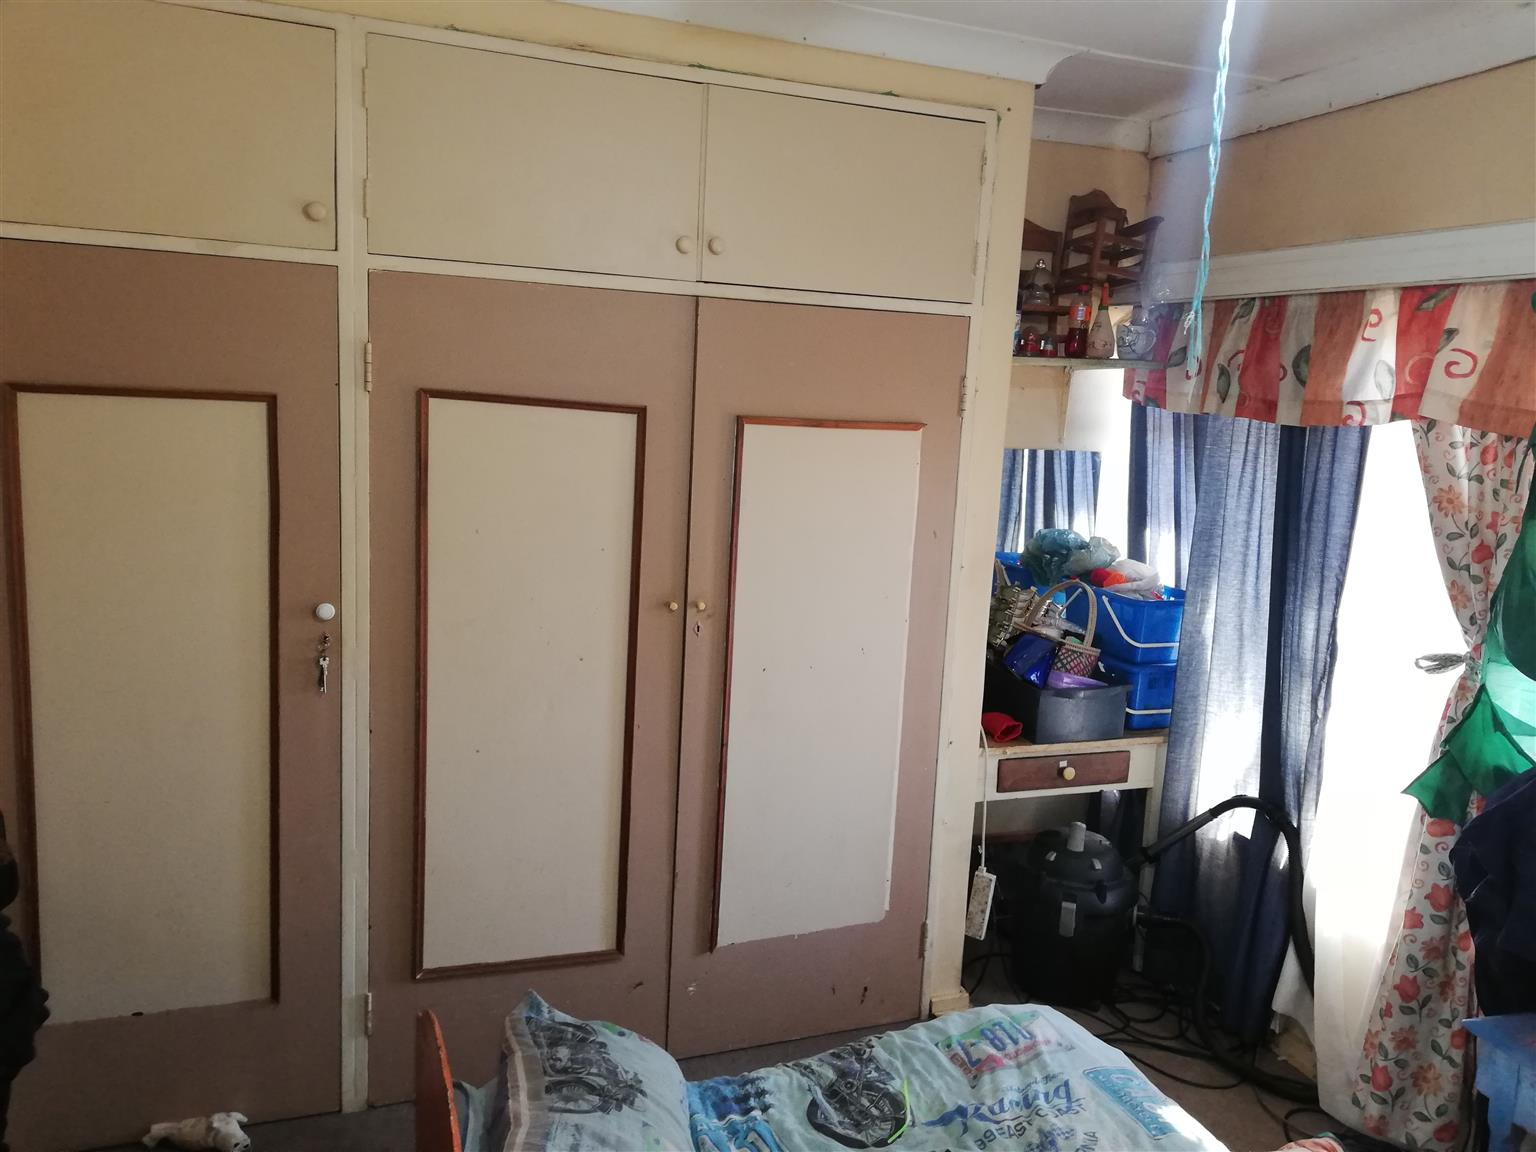 BARGAIN 3 Bedroom House with Flatlet built onto house - BELOW MARKET VALUE!